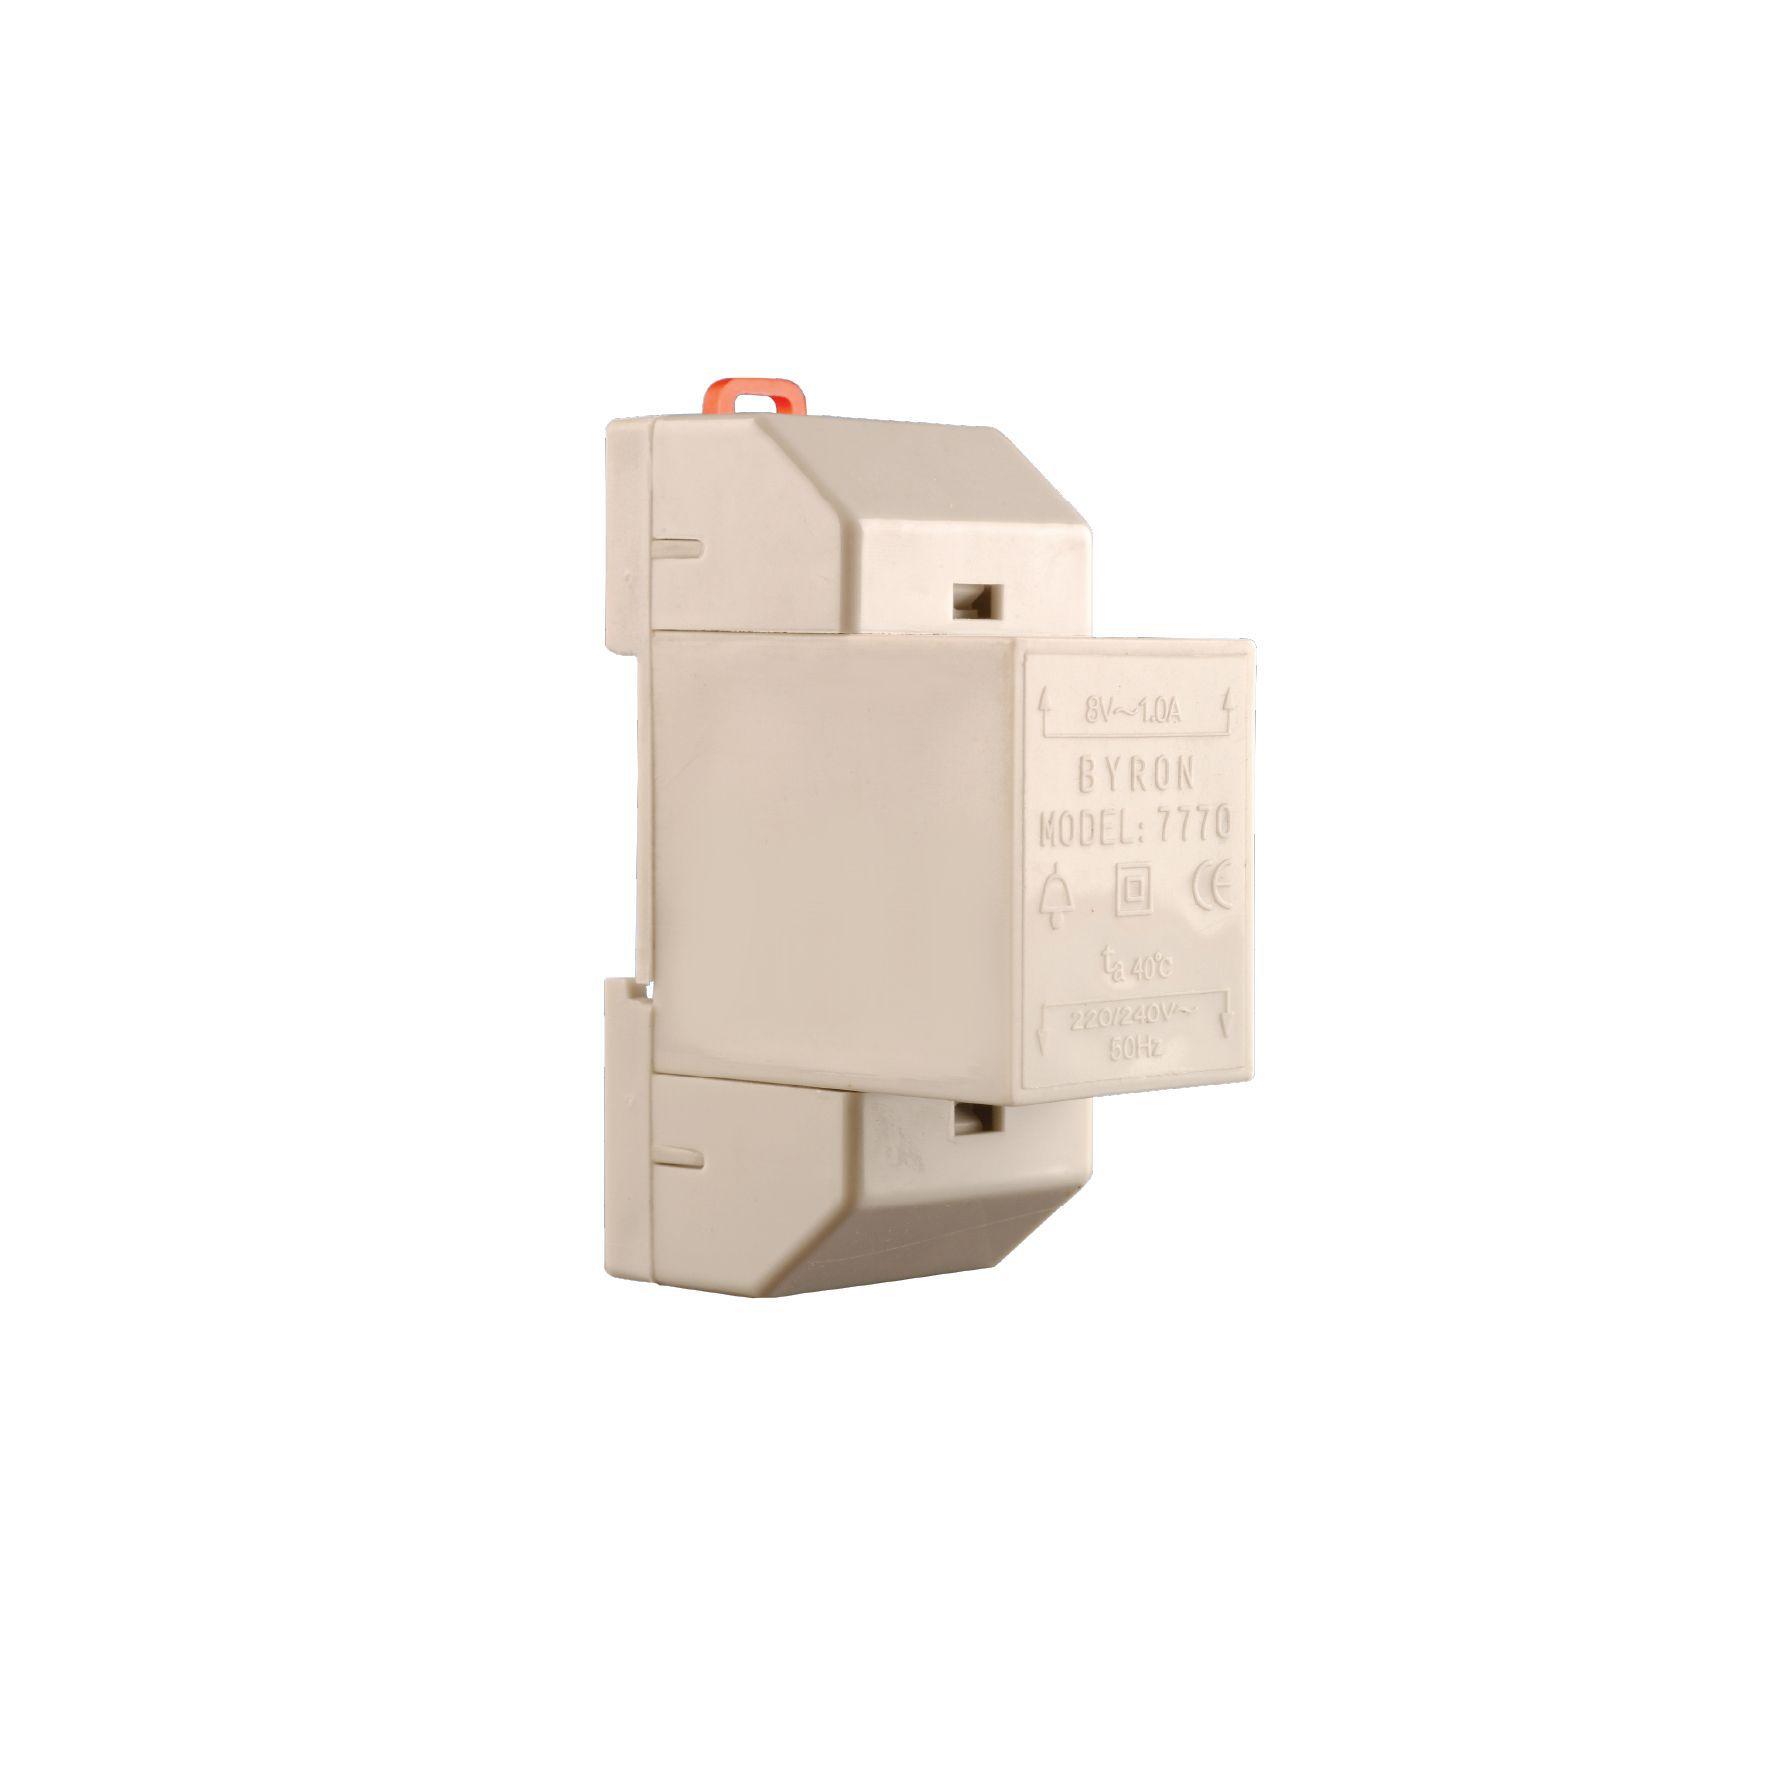 5013529777006_02c Utilitech Transformer Wiring Schematic on